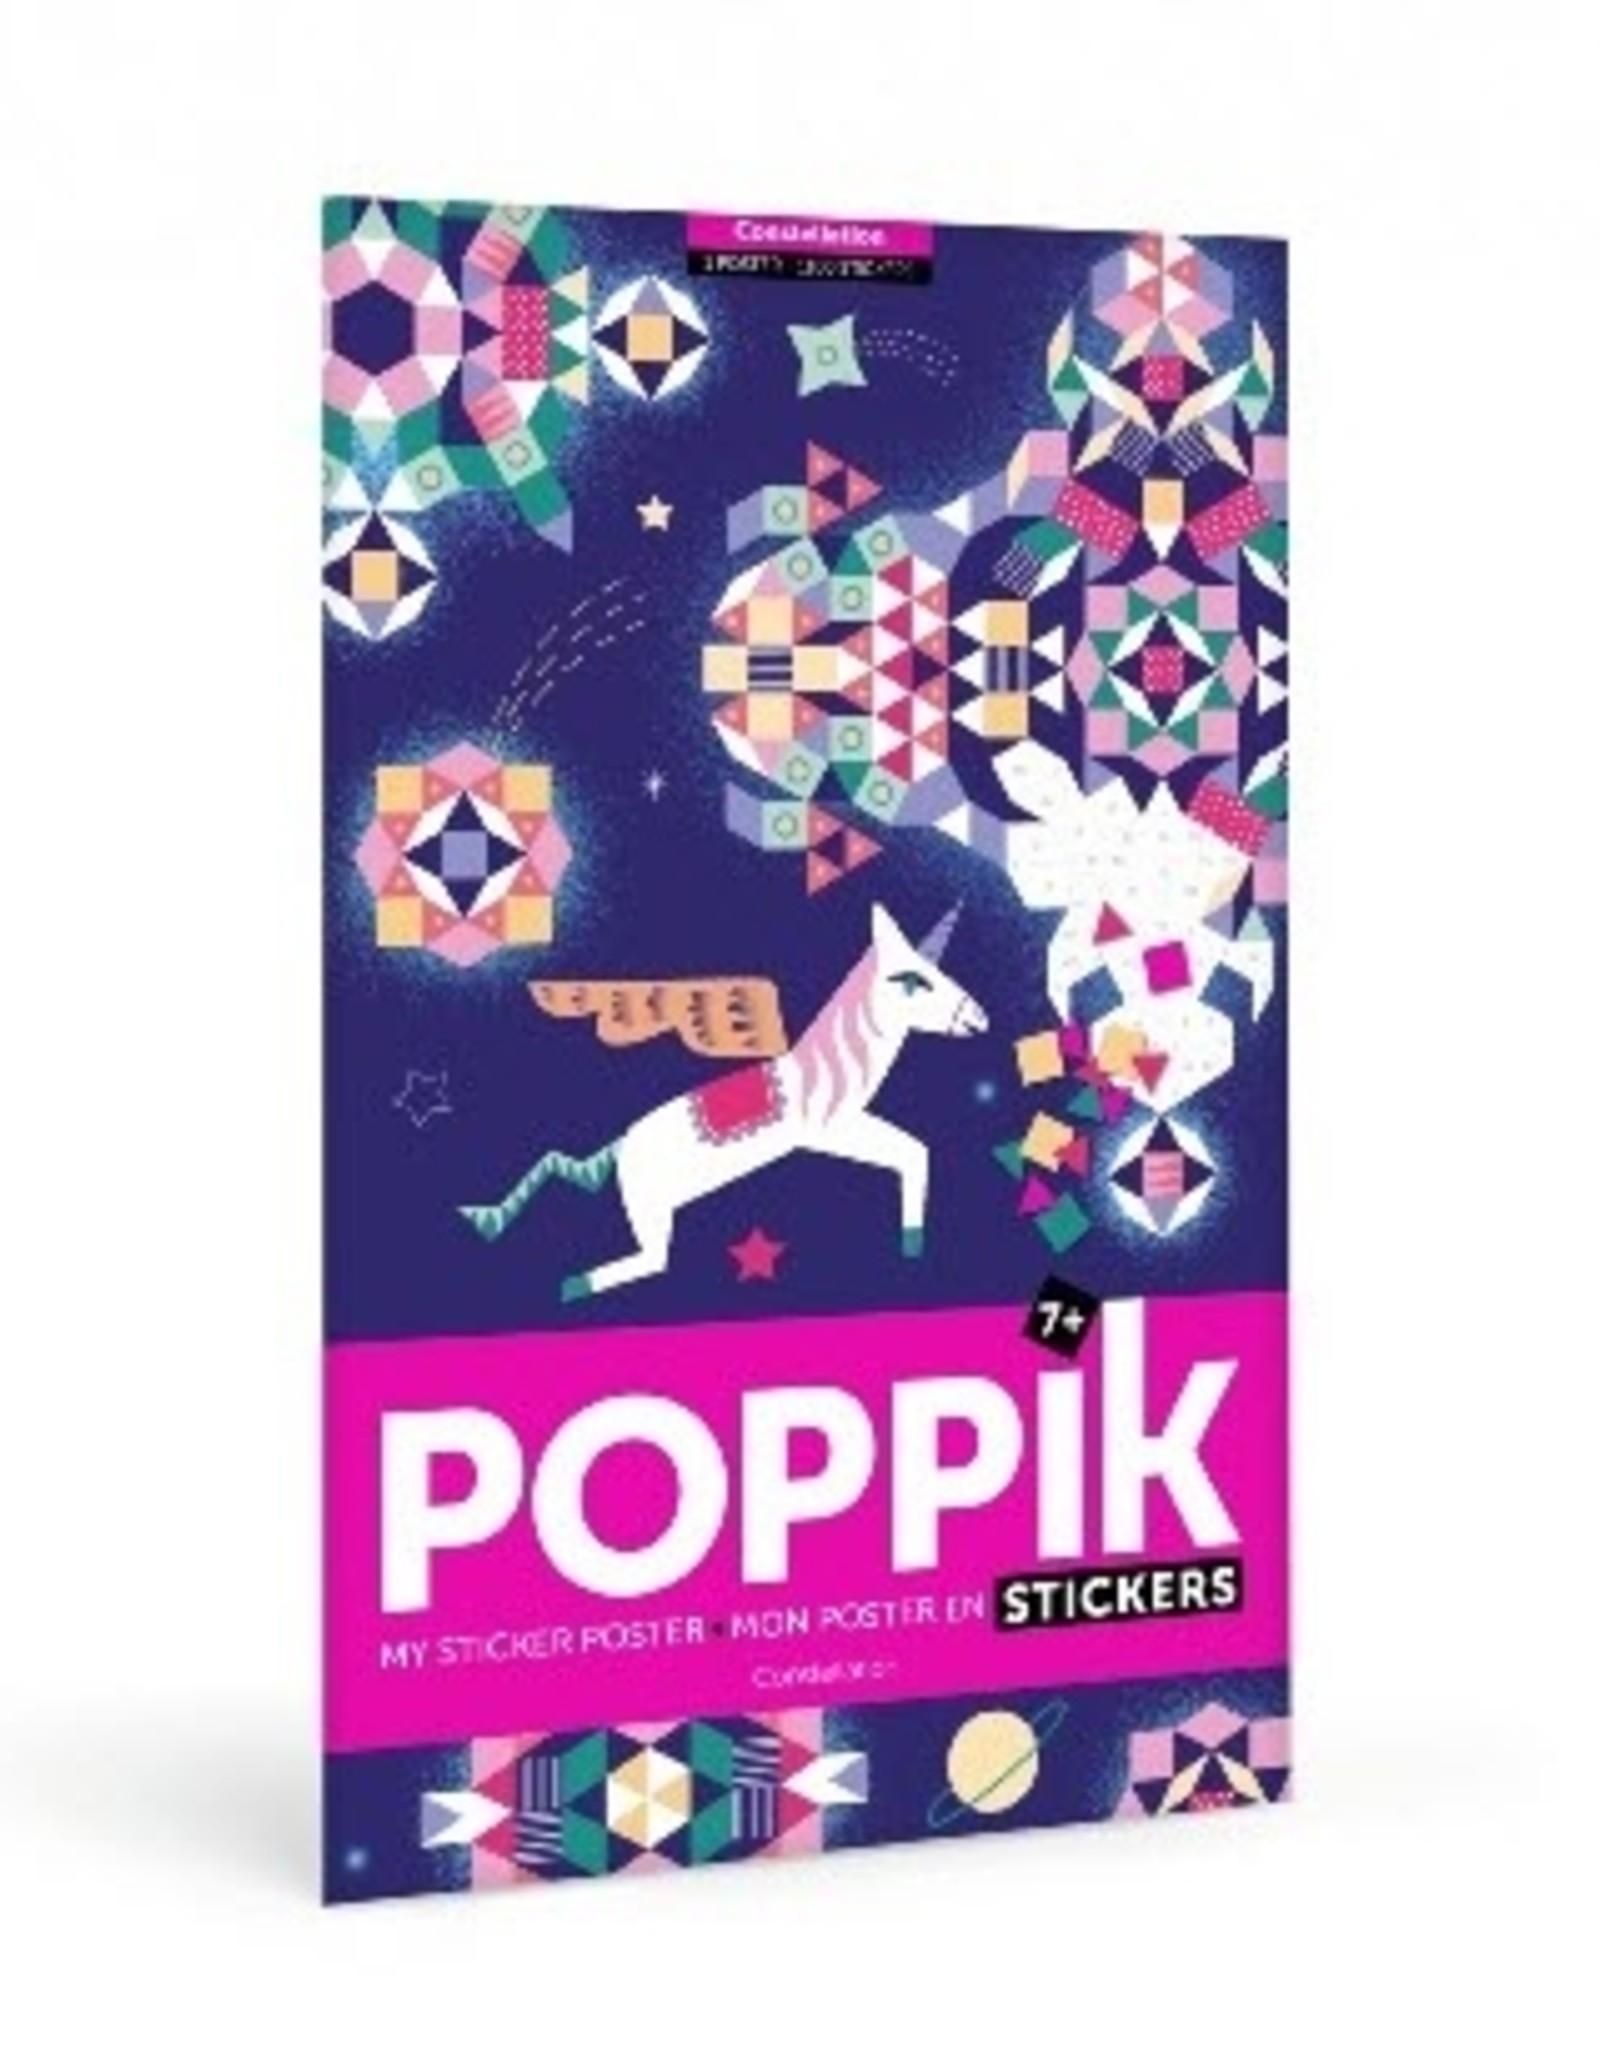 Poppik Poppik Sticker Poster - Constellation